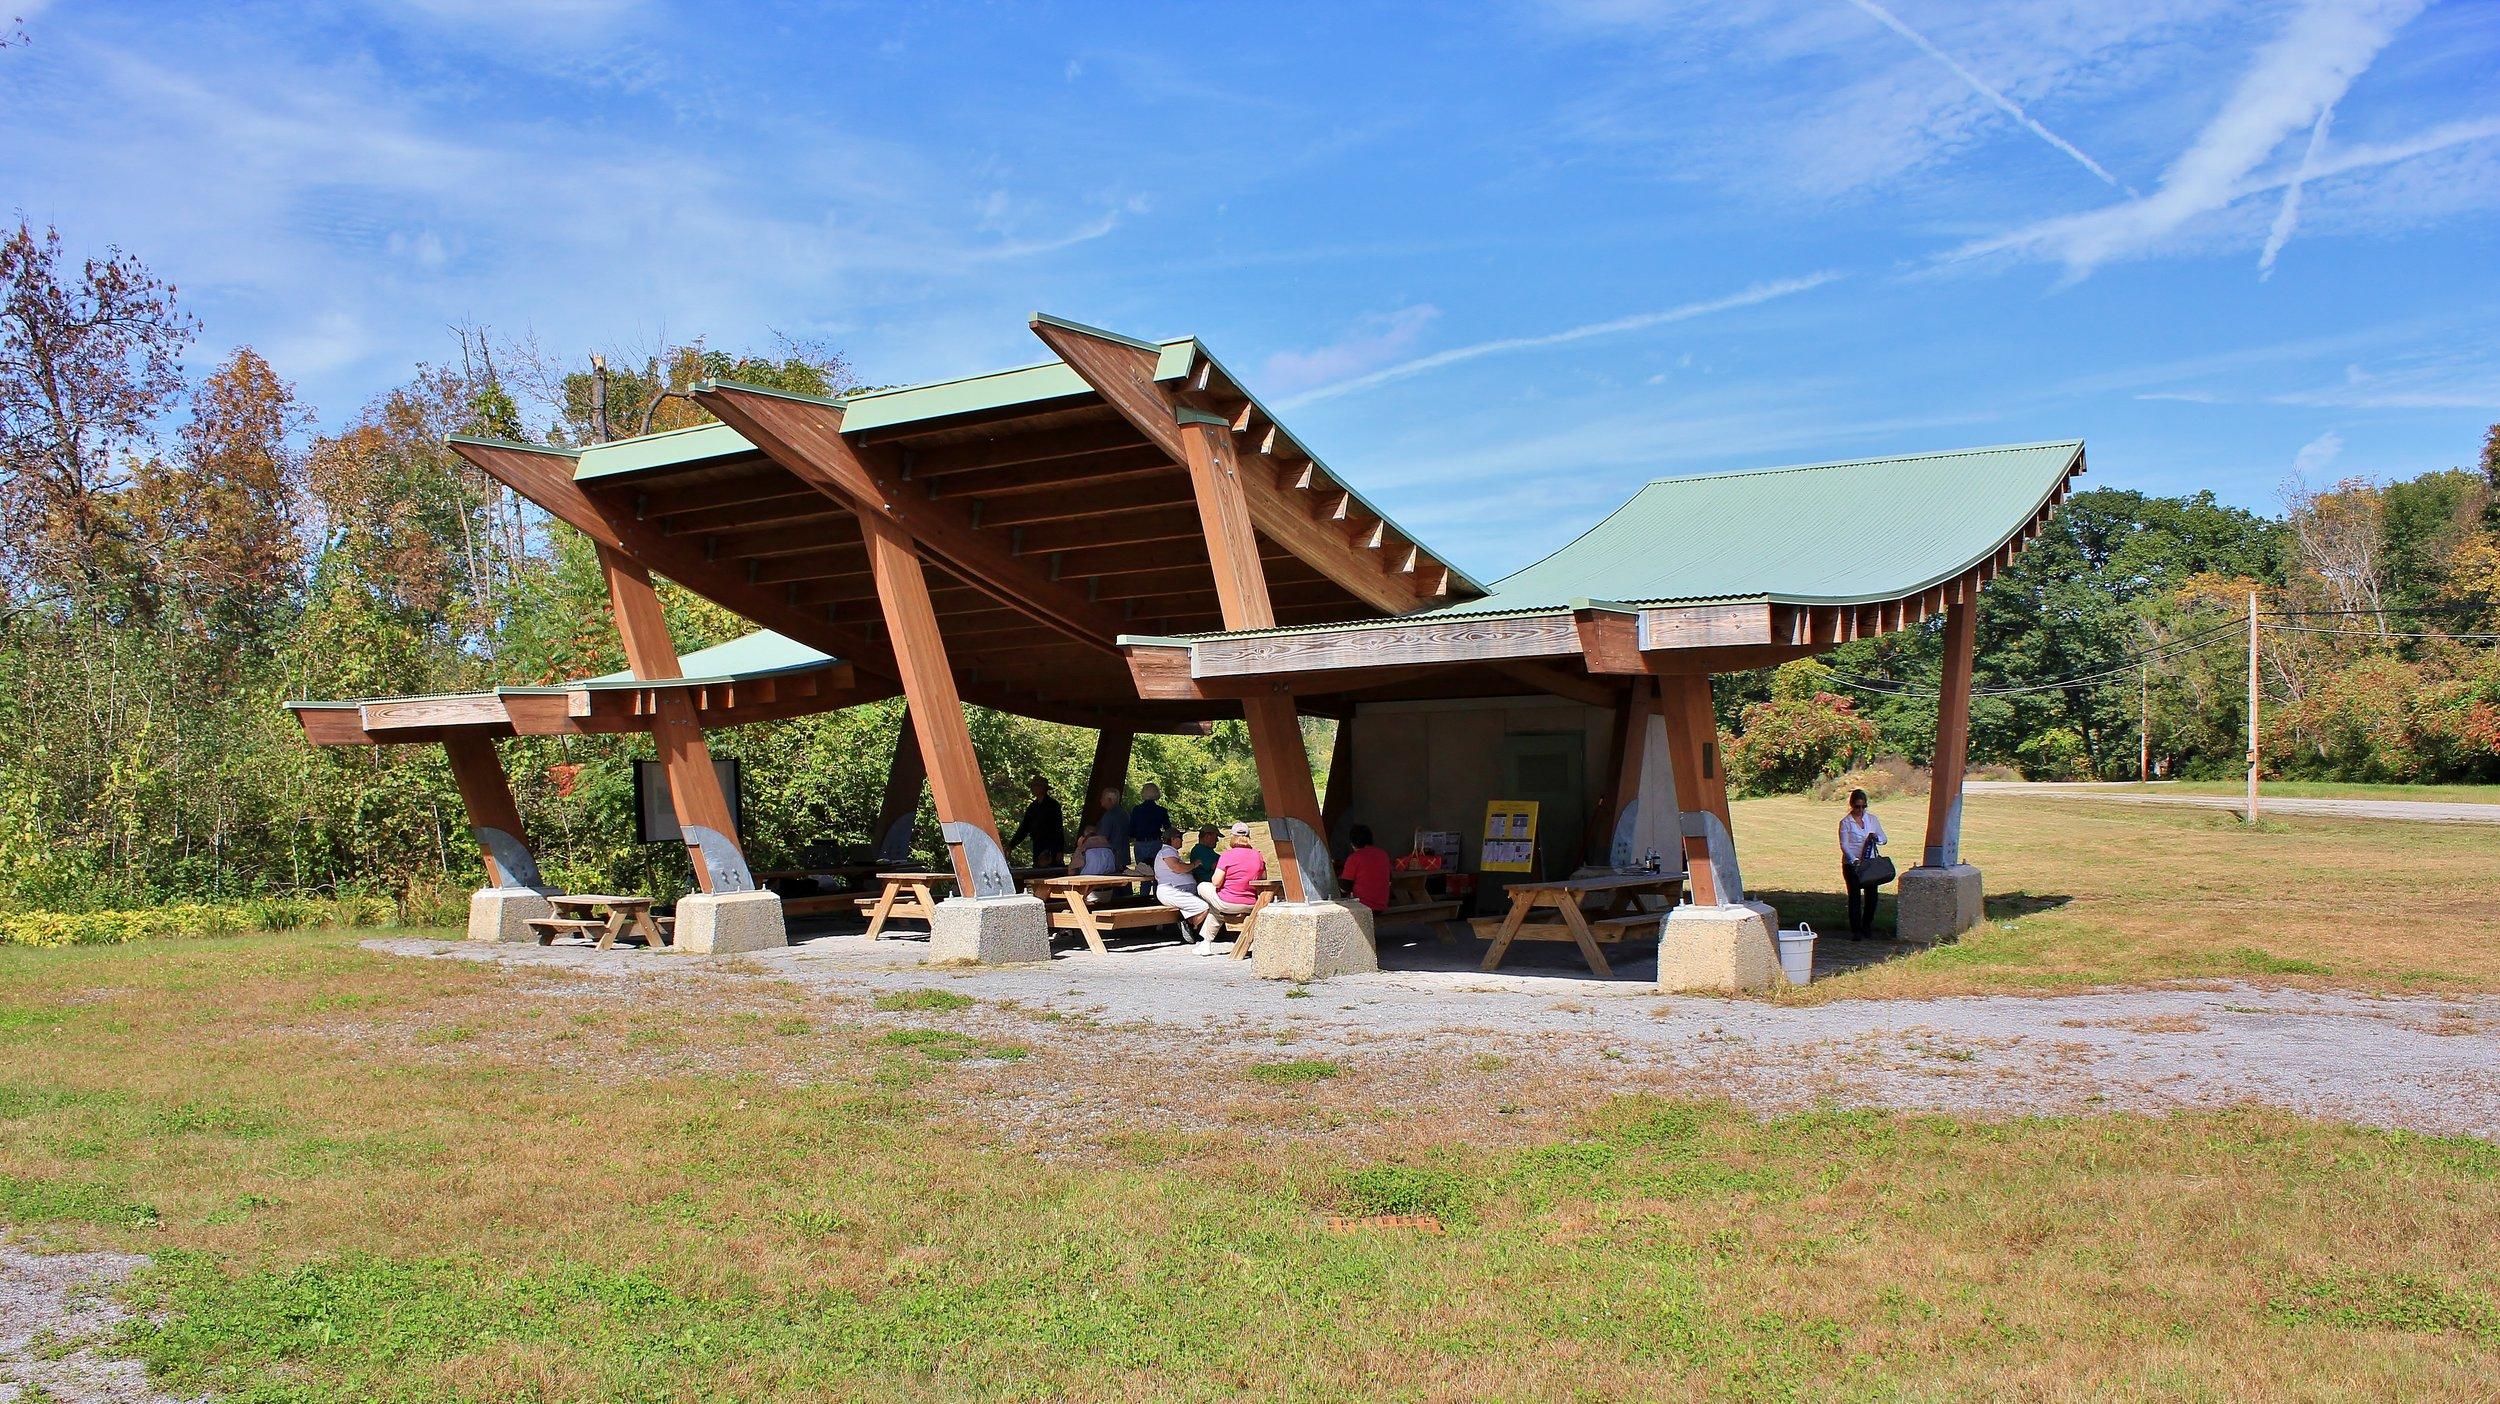 The Picnic Pavilion -